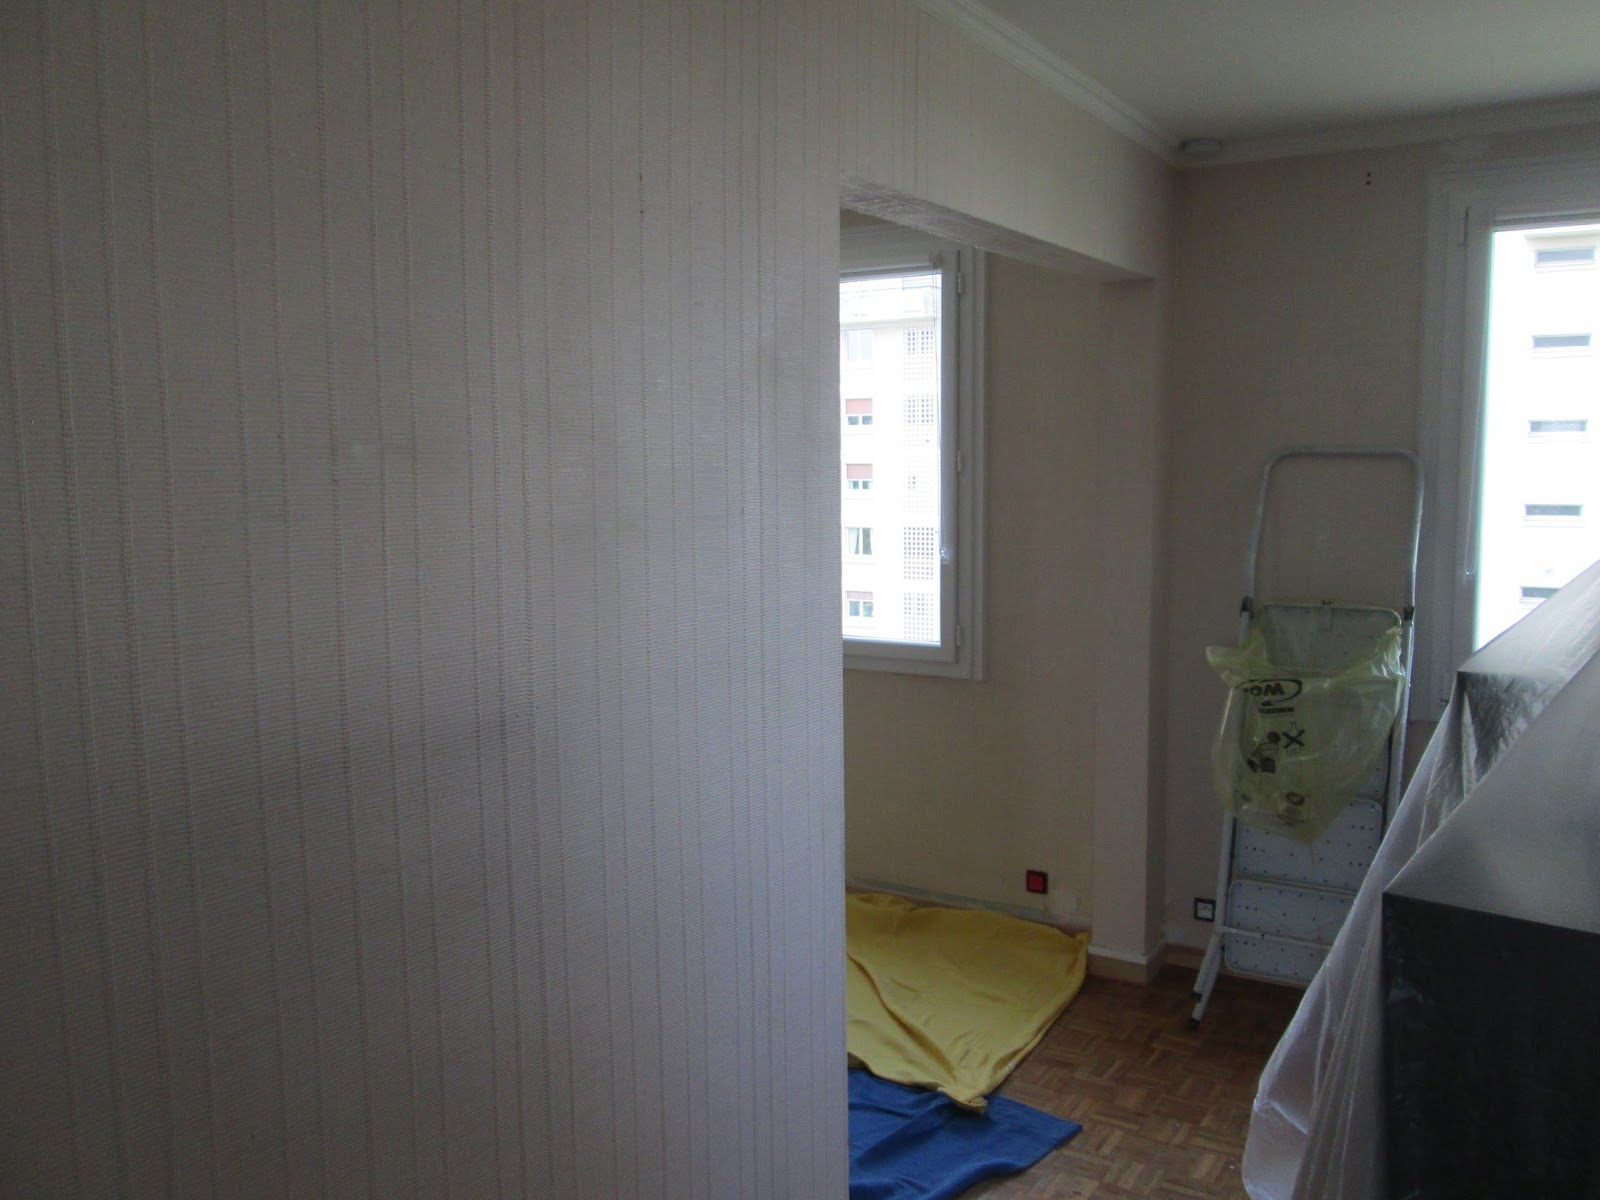 philippe florance multi services d coration salle a manger et couloir. Black Bedroom Furniture Sets. Home Design Ideas